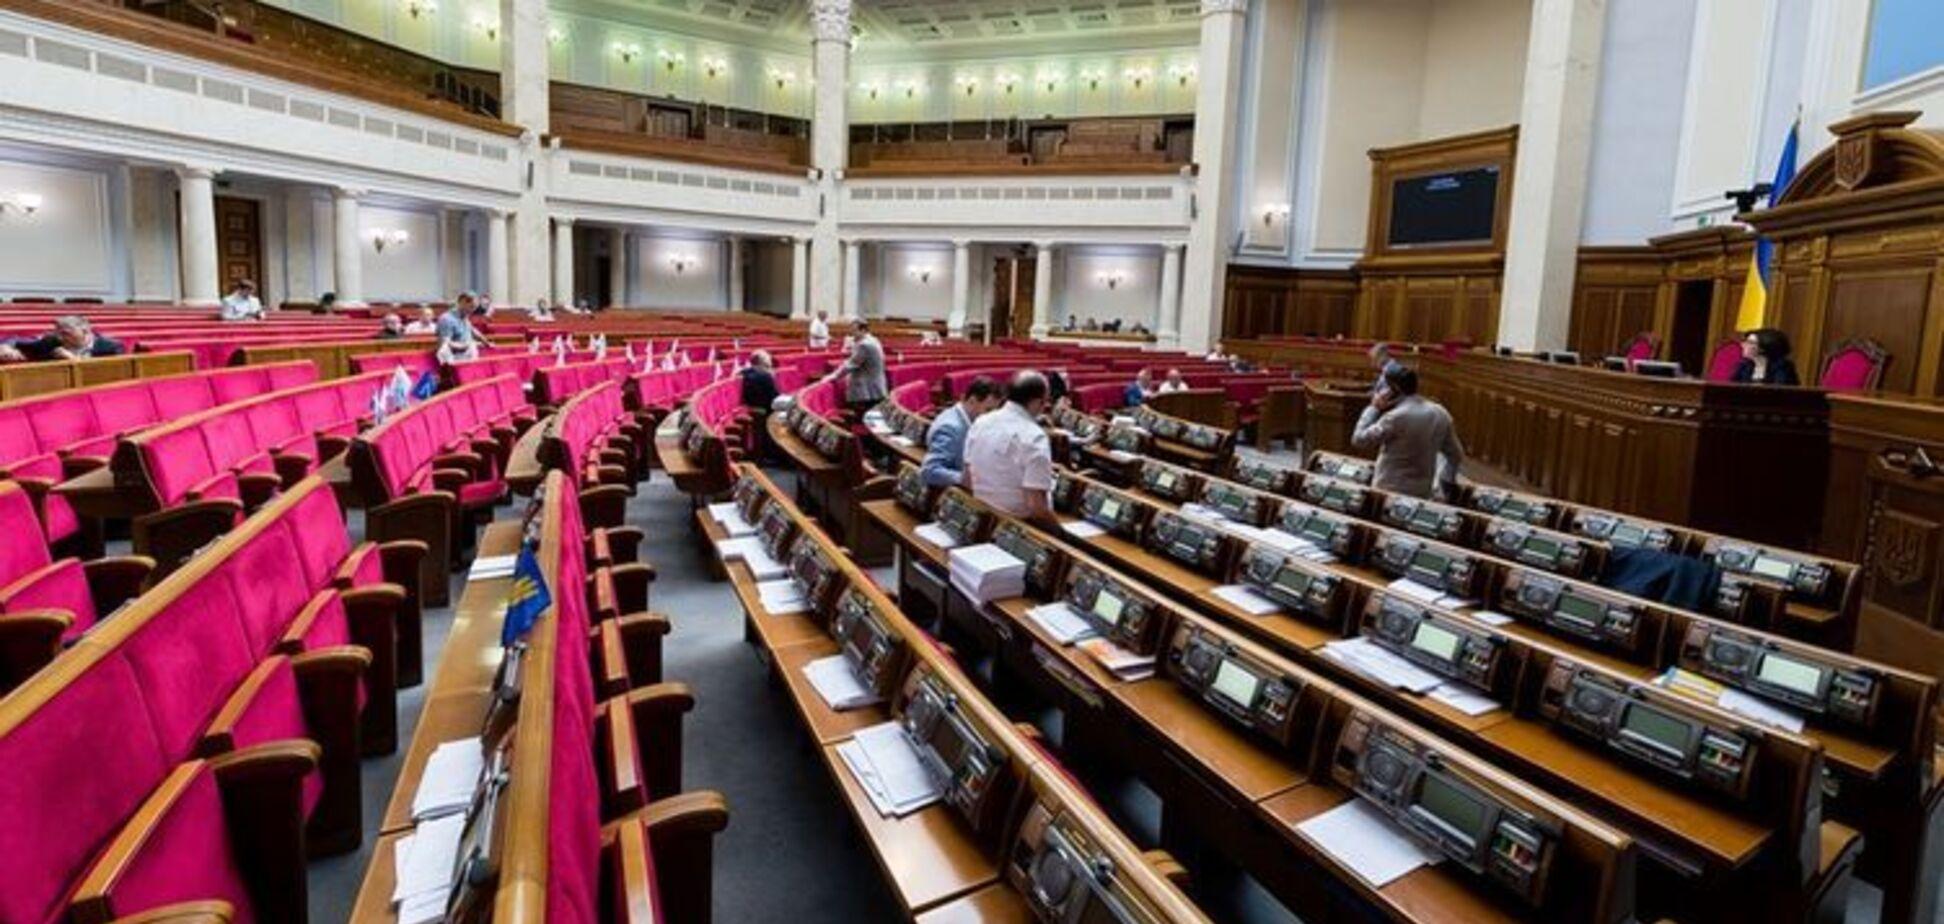 Українці хочуть позбавити партії держфінансування: пройдено важливий етап